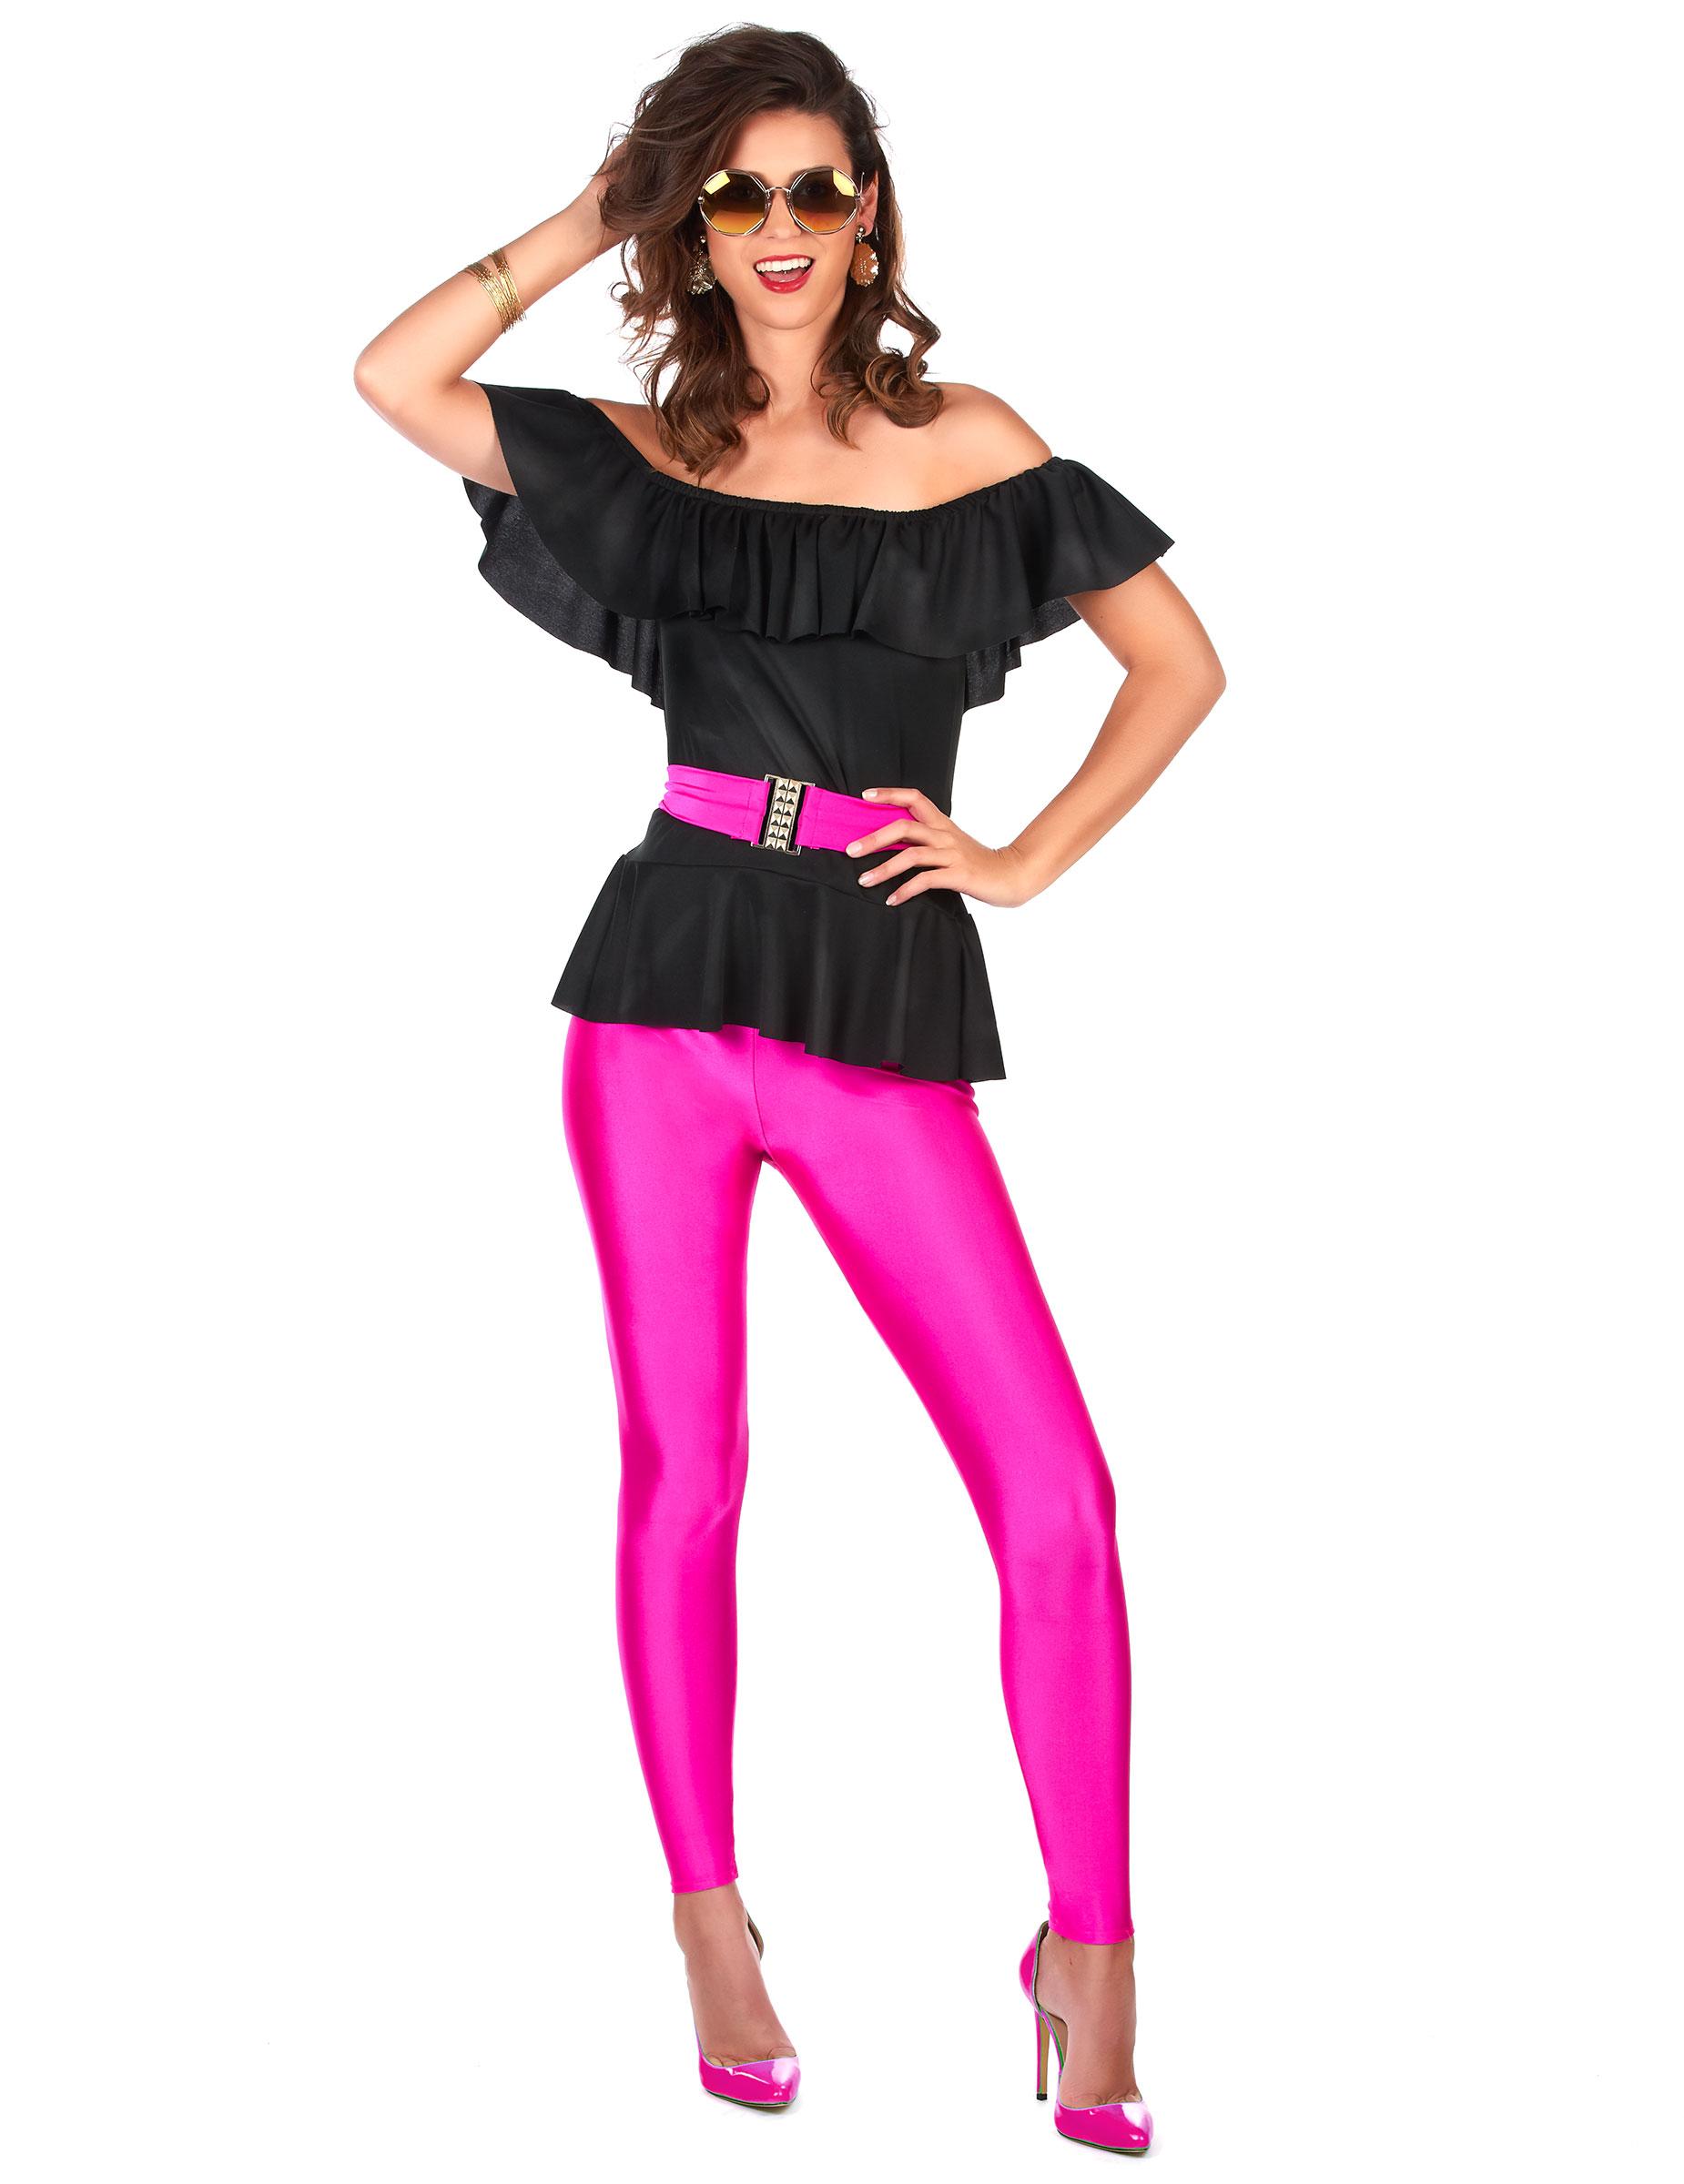 vendita calda online ae088 54dcc Costume retro anni '80 donna